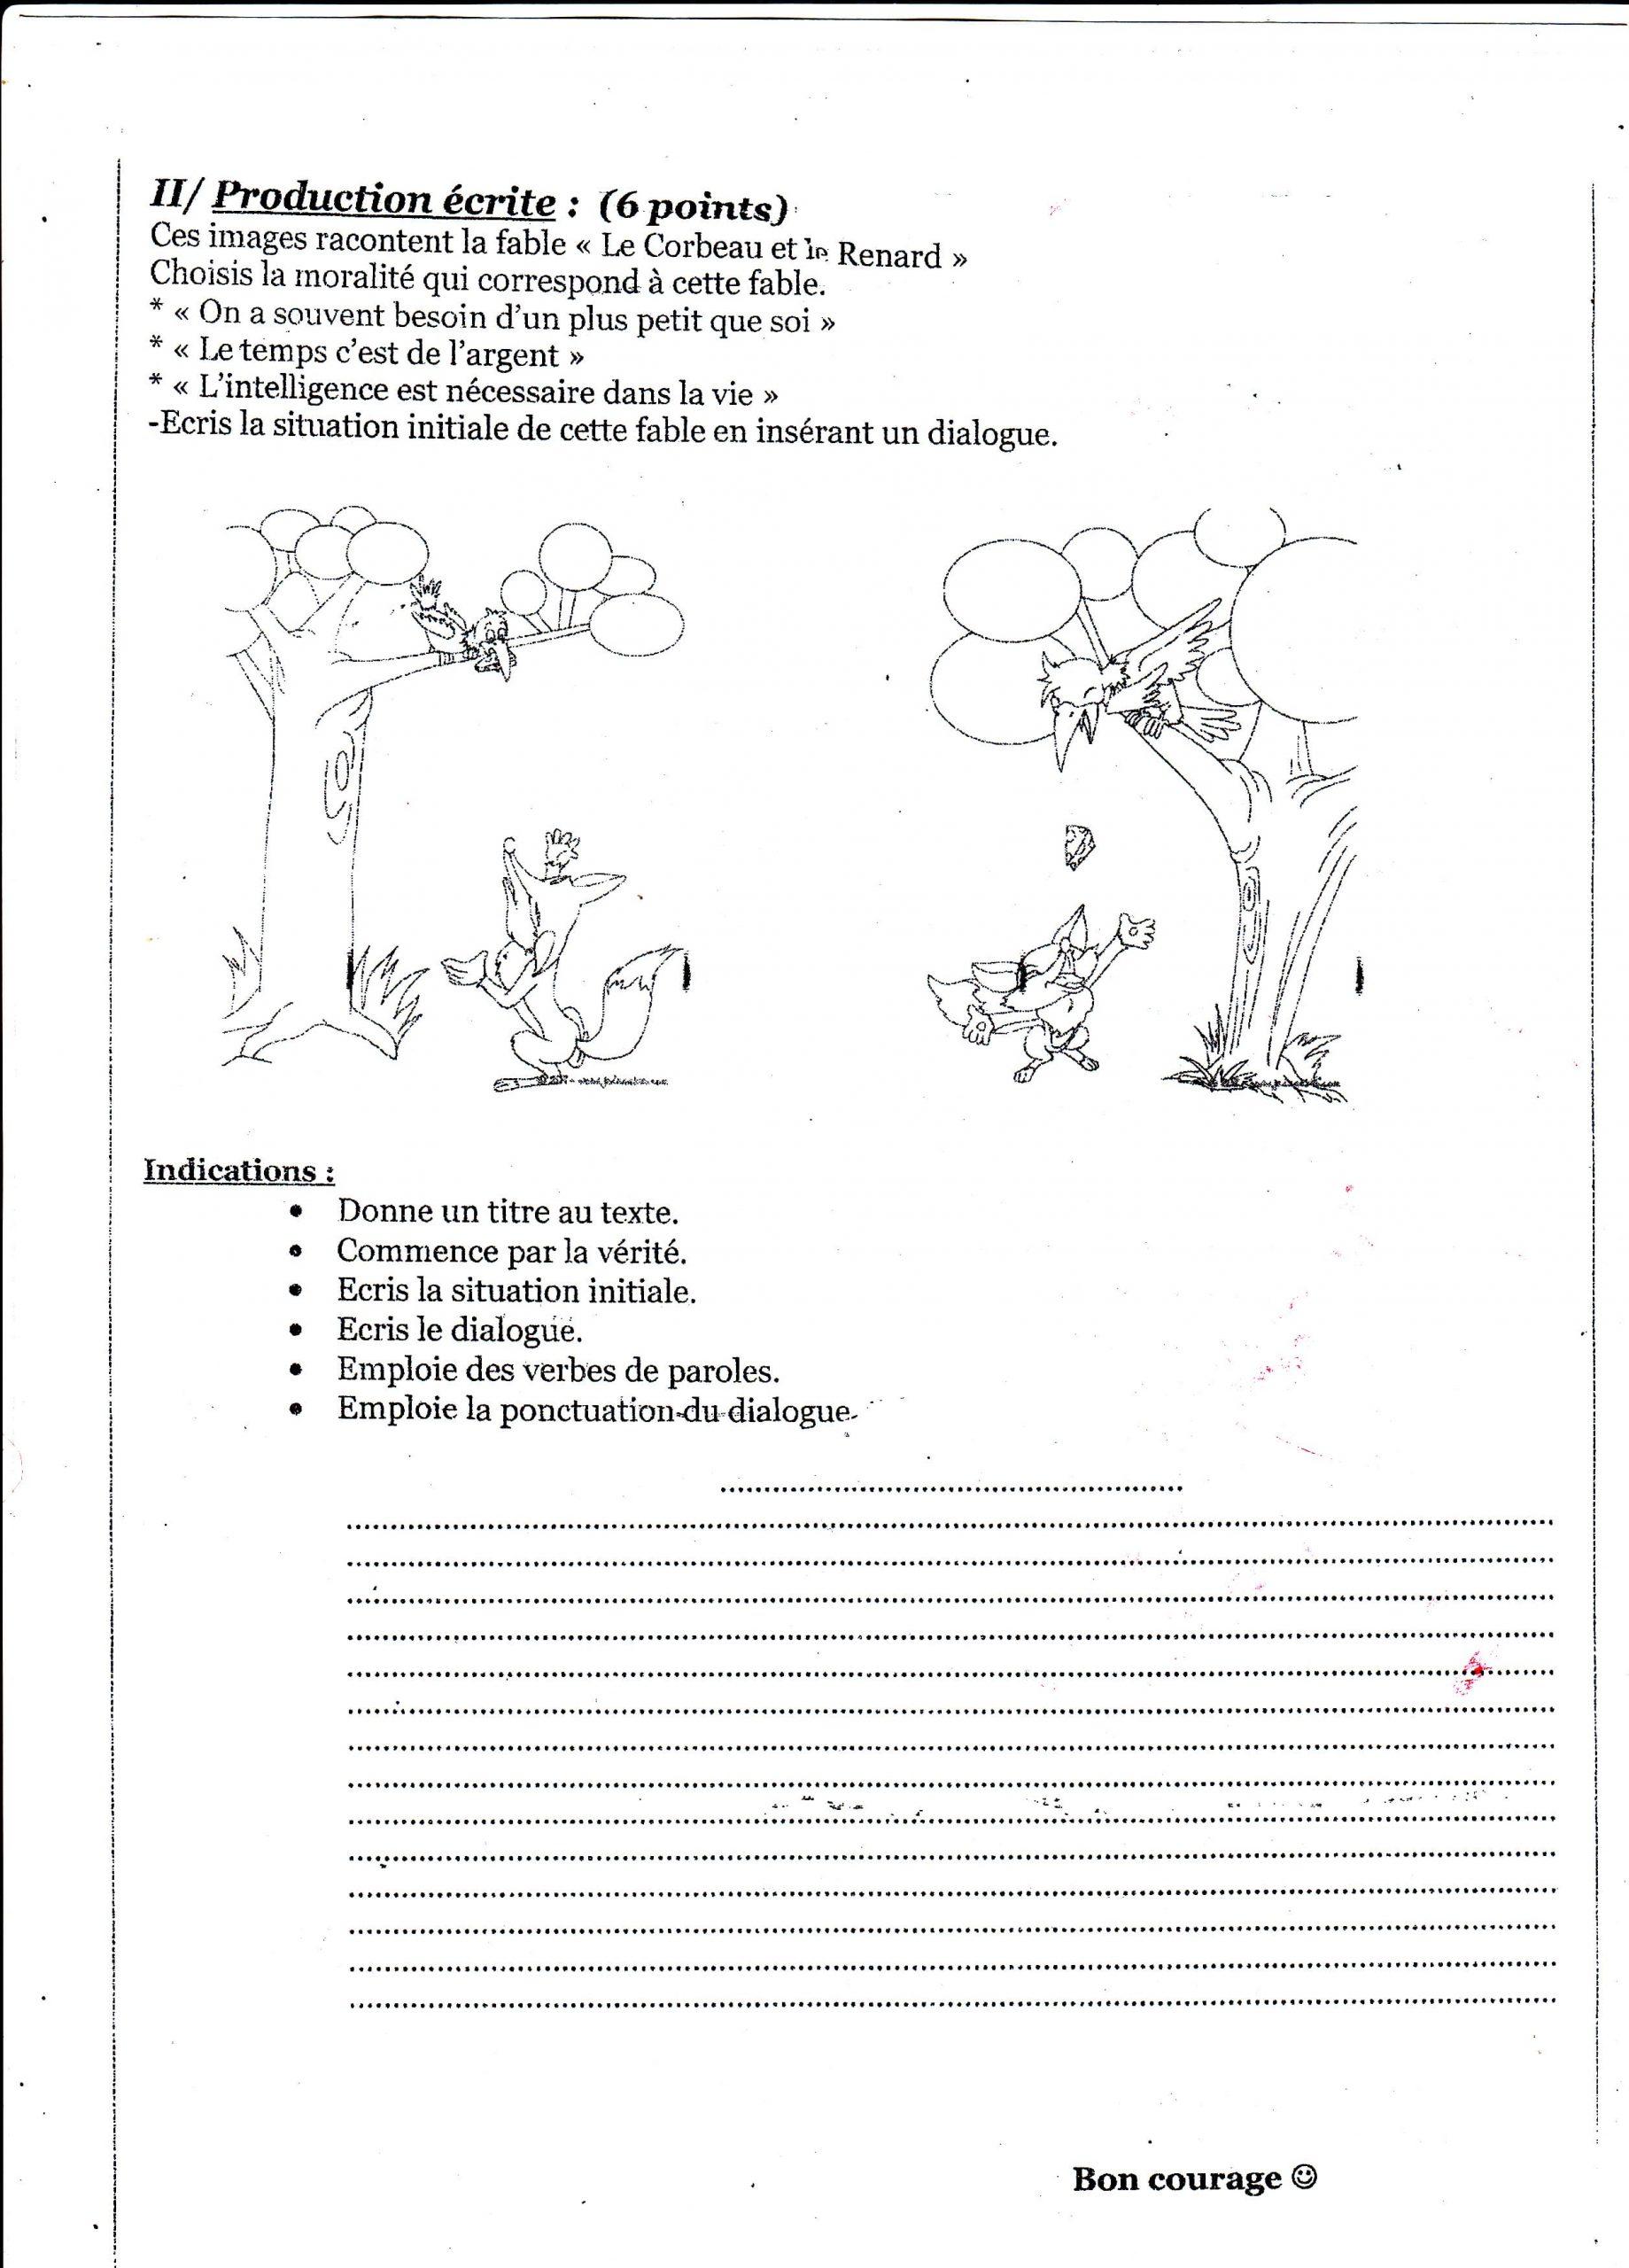 اختبار الفصل الثاني في اللغة الفرنسية للسنة الثانية متوسط - الموضوع 04